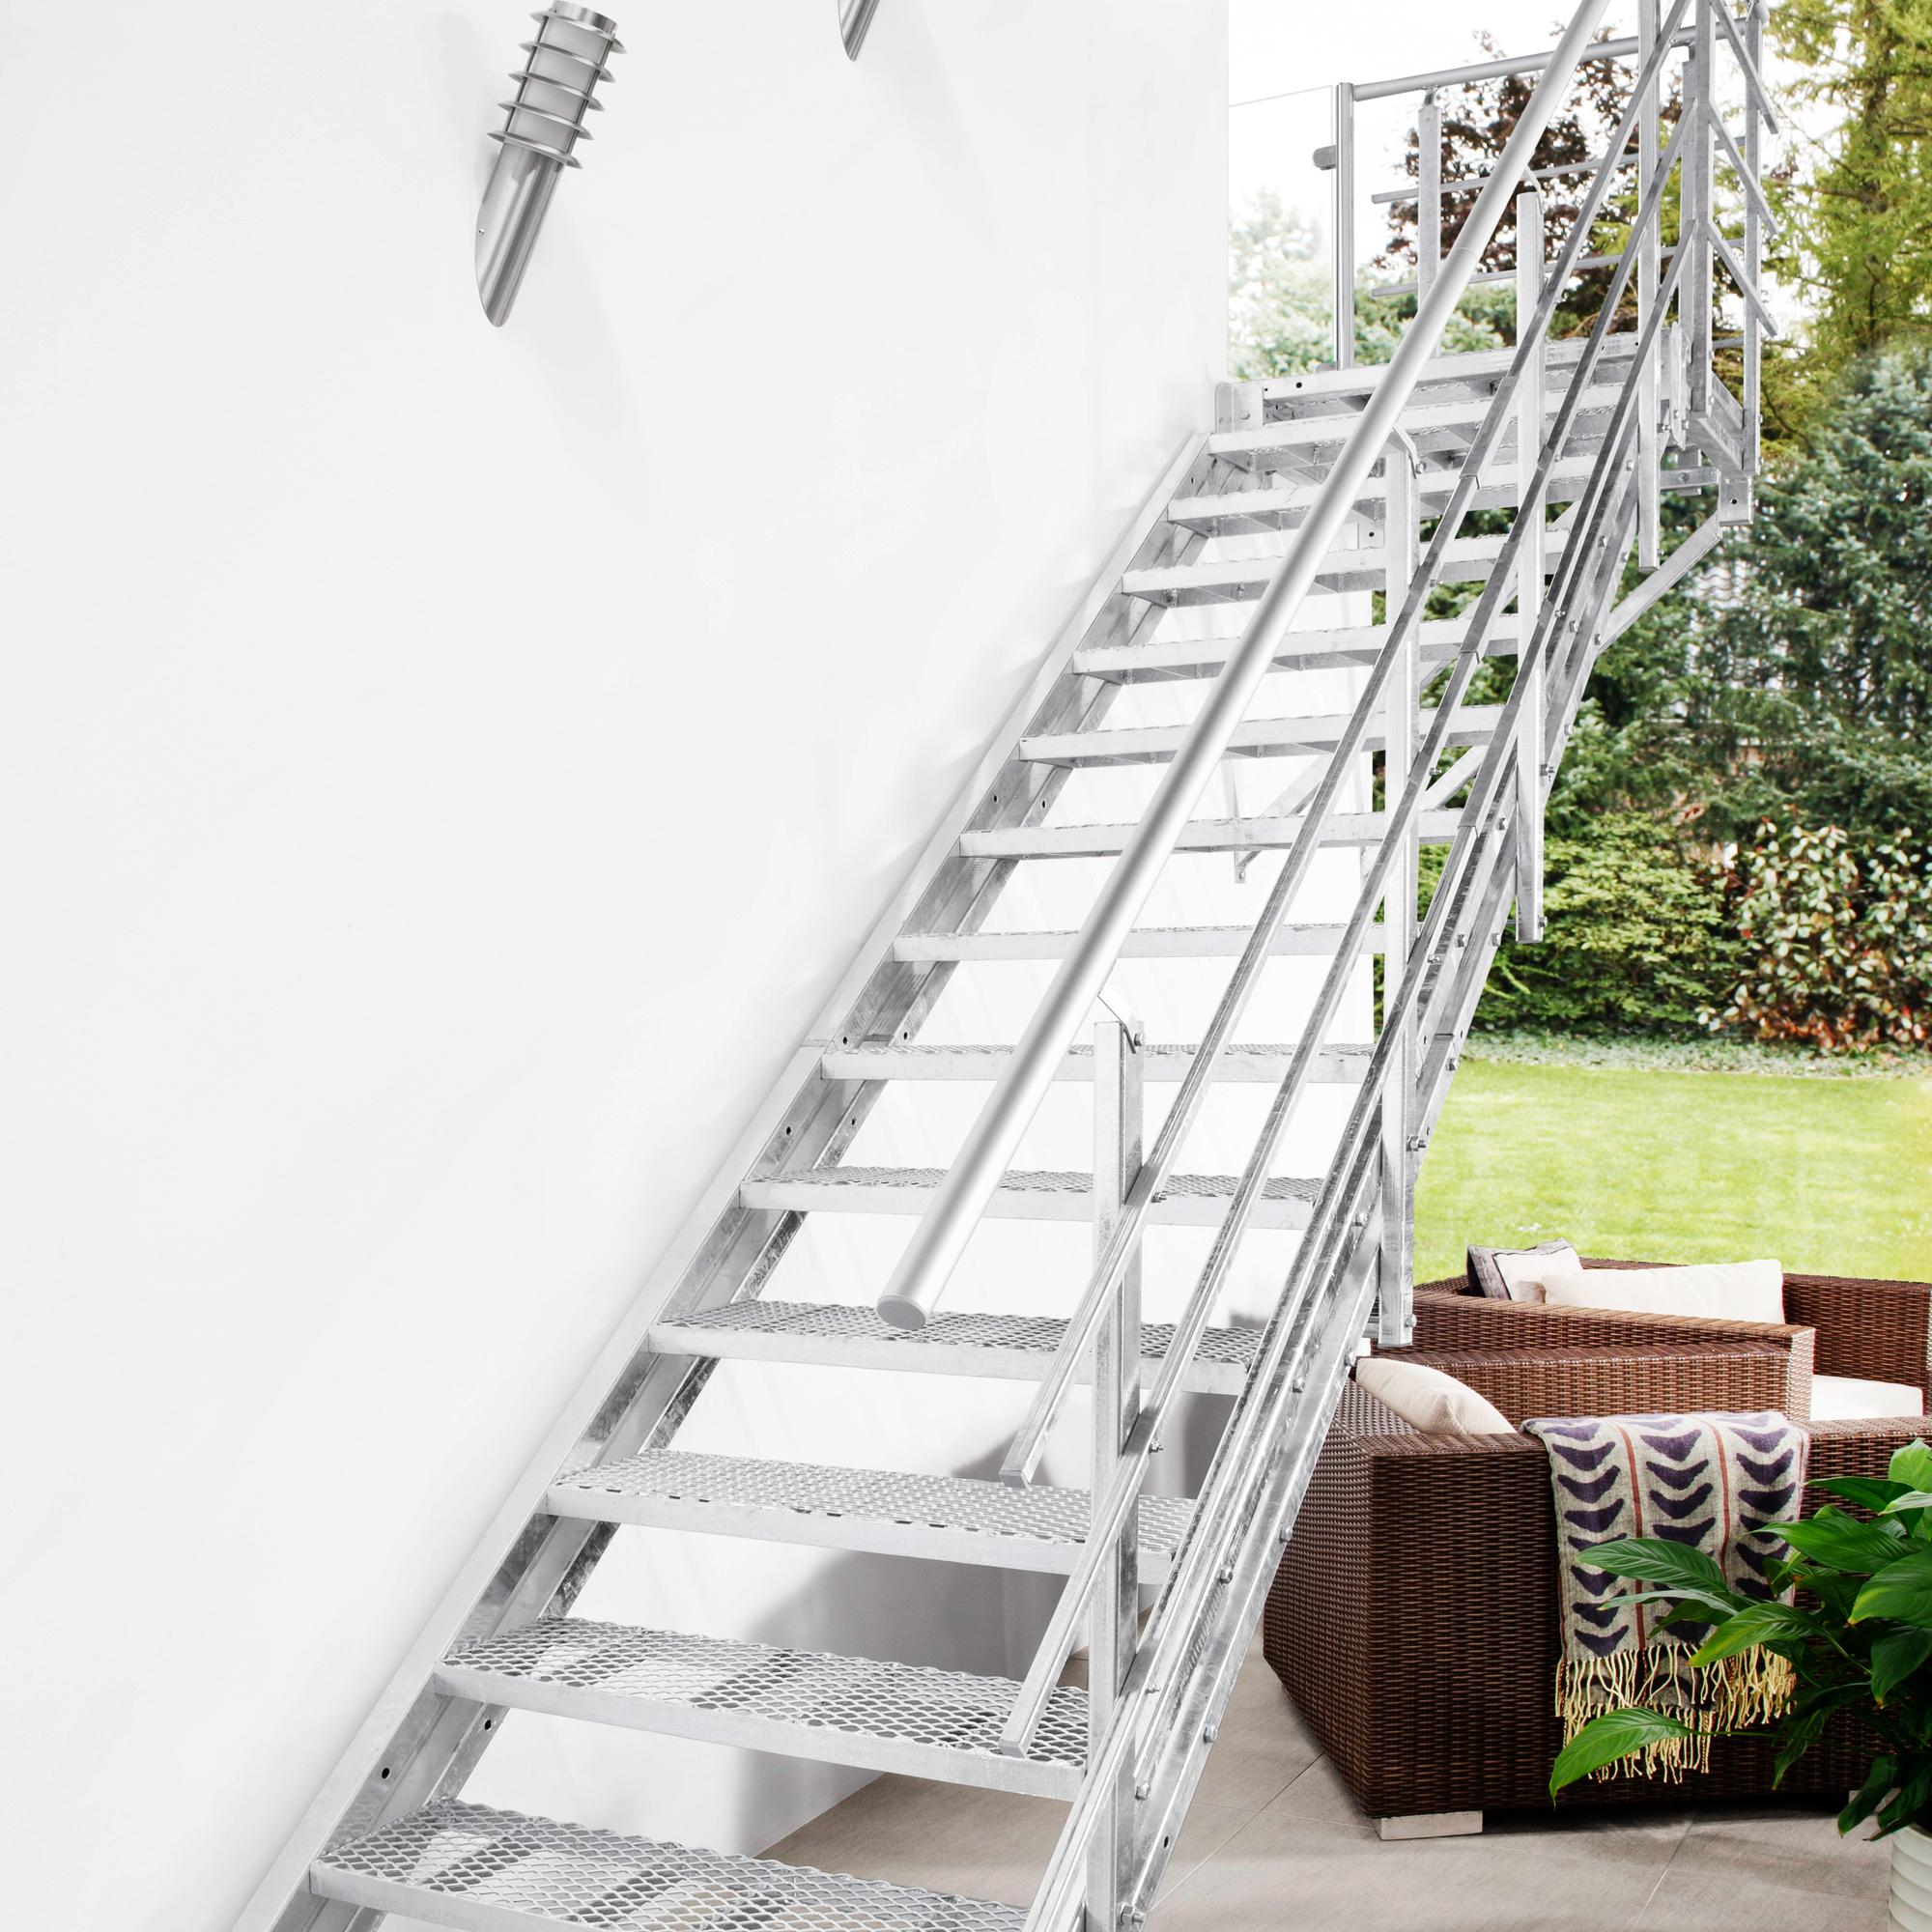 au entreppe aus stahl mit podest hier als bausatz kaufen. Black Bedroom Furniture Sets. Home Design Ideas